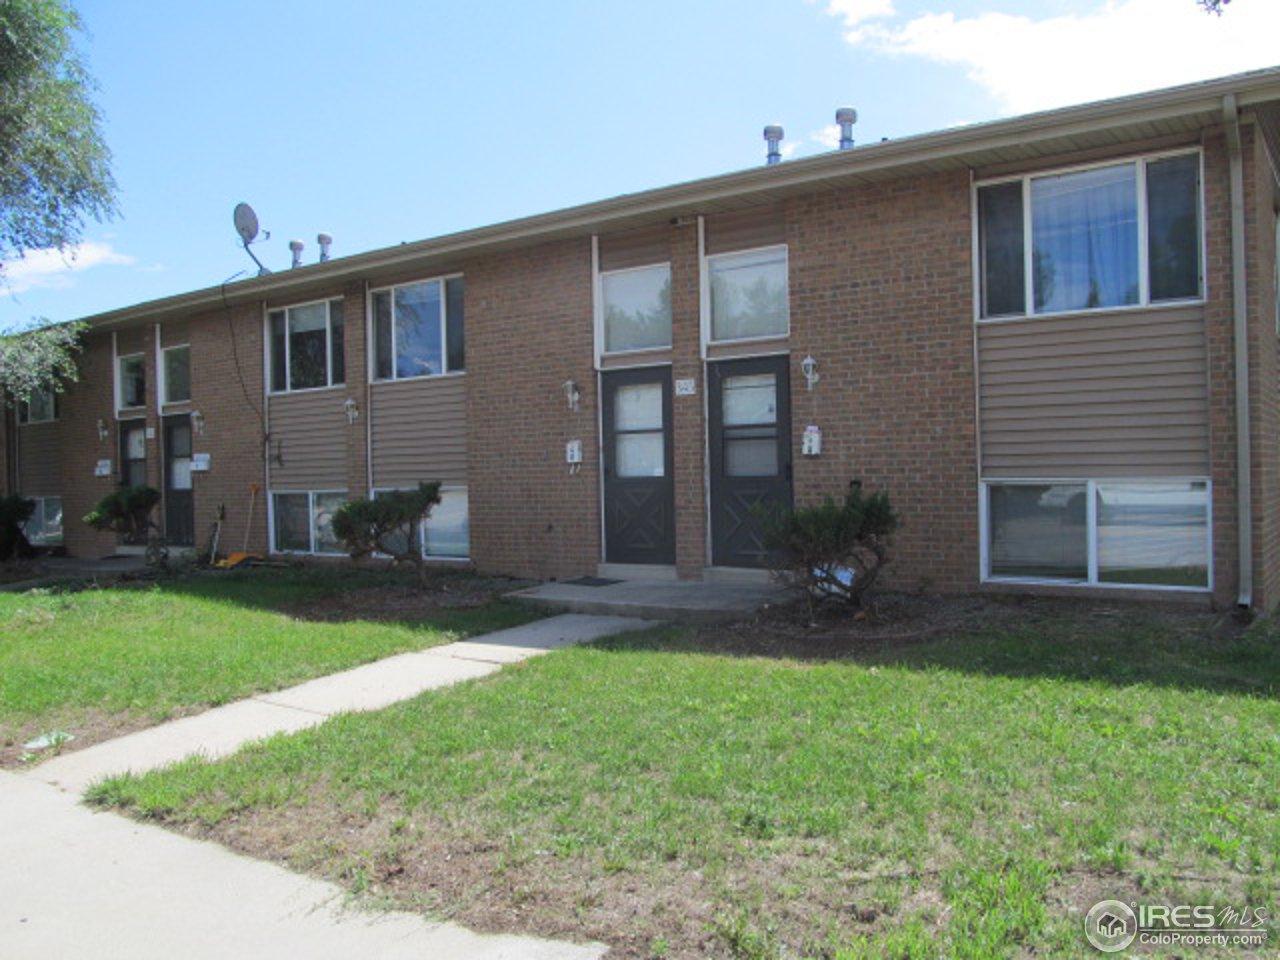 345 15th St, Longmont, CO 80501